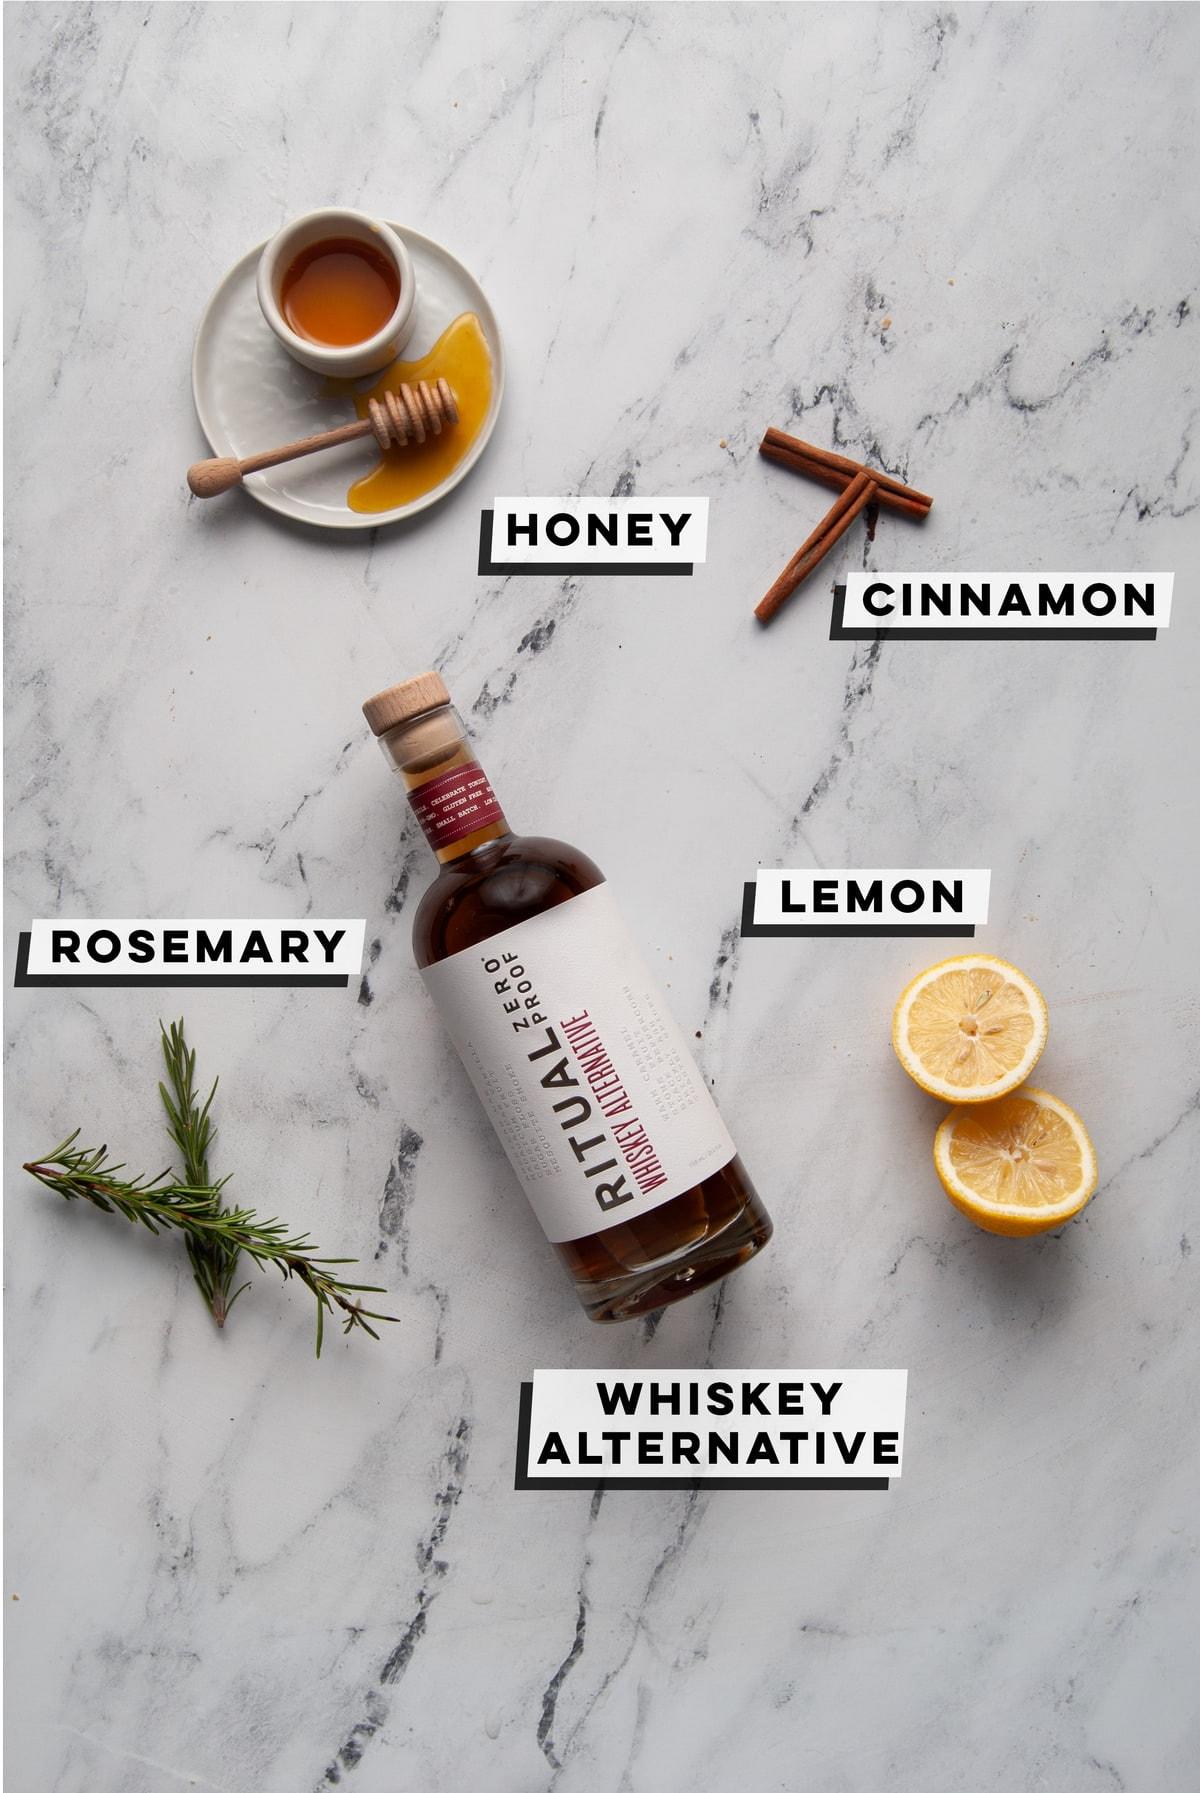 honey, cinnamon, rosemary, lemon, and Ritual Zero Proof Whiskey Alternative